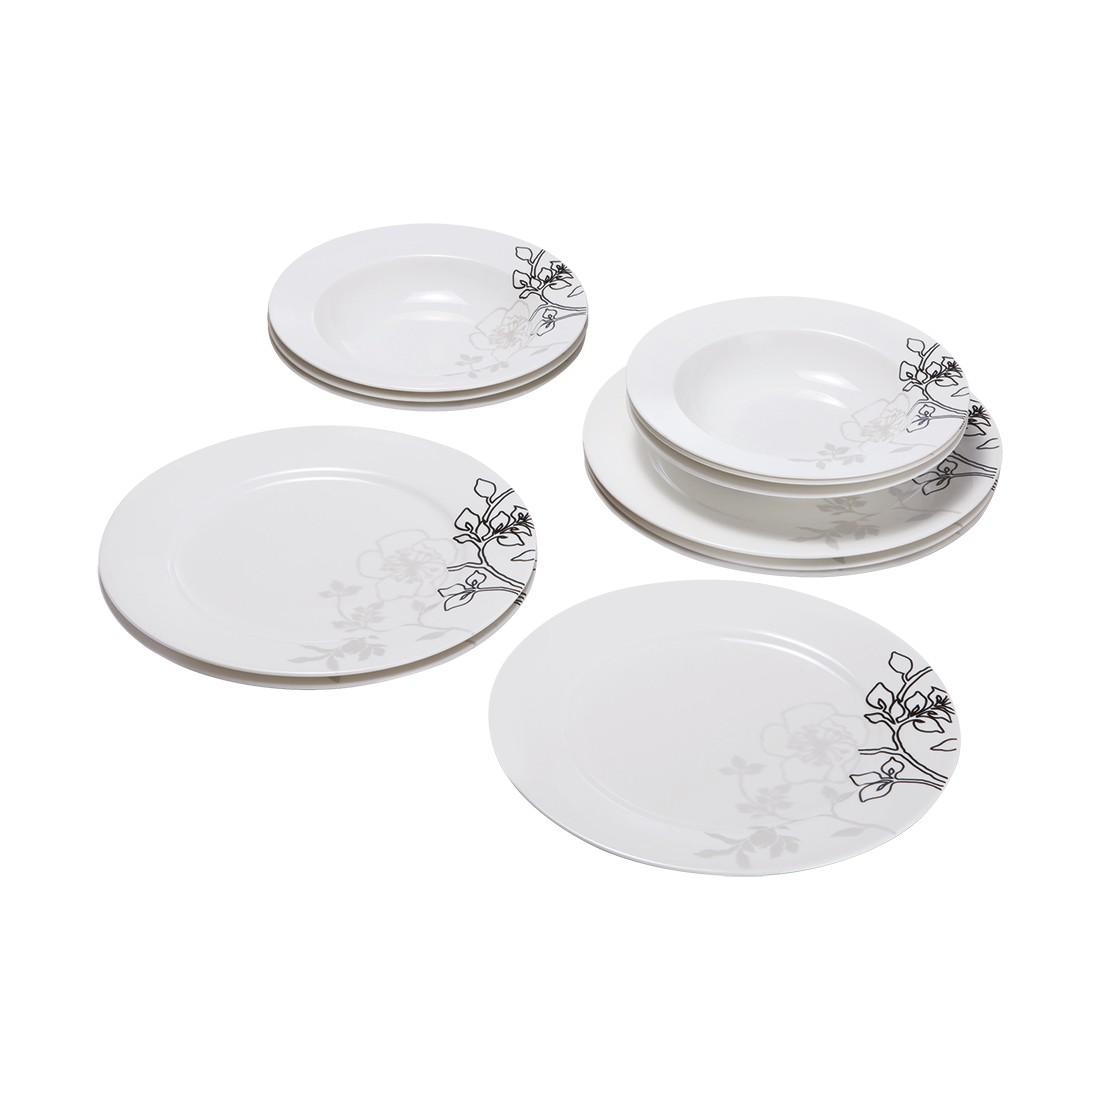 tafelset moon shadow 12 tlg porzellan wei maxwell und williams online kaufen. Black Bedroom Furniture Sets. Home Design Ideas